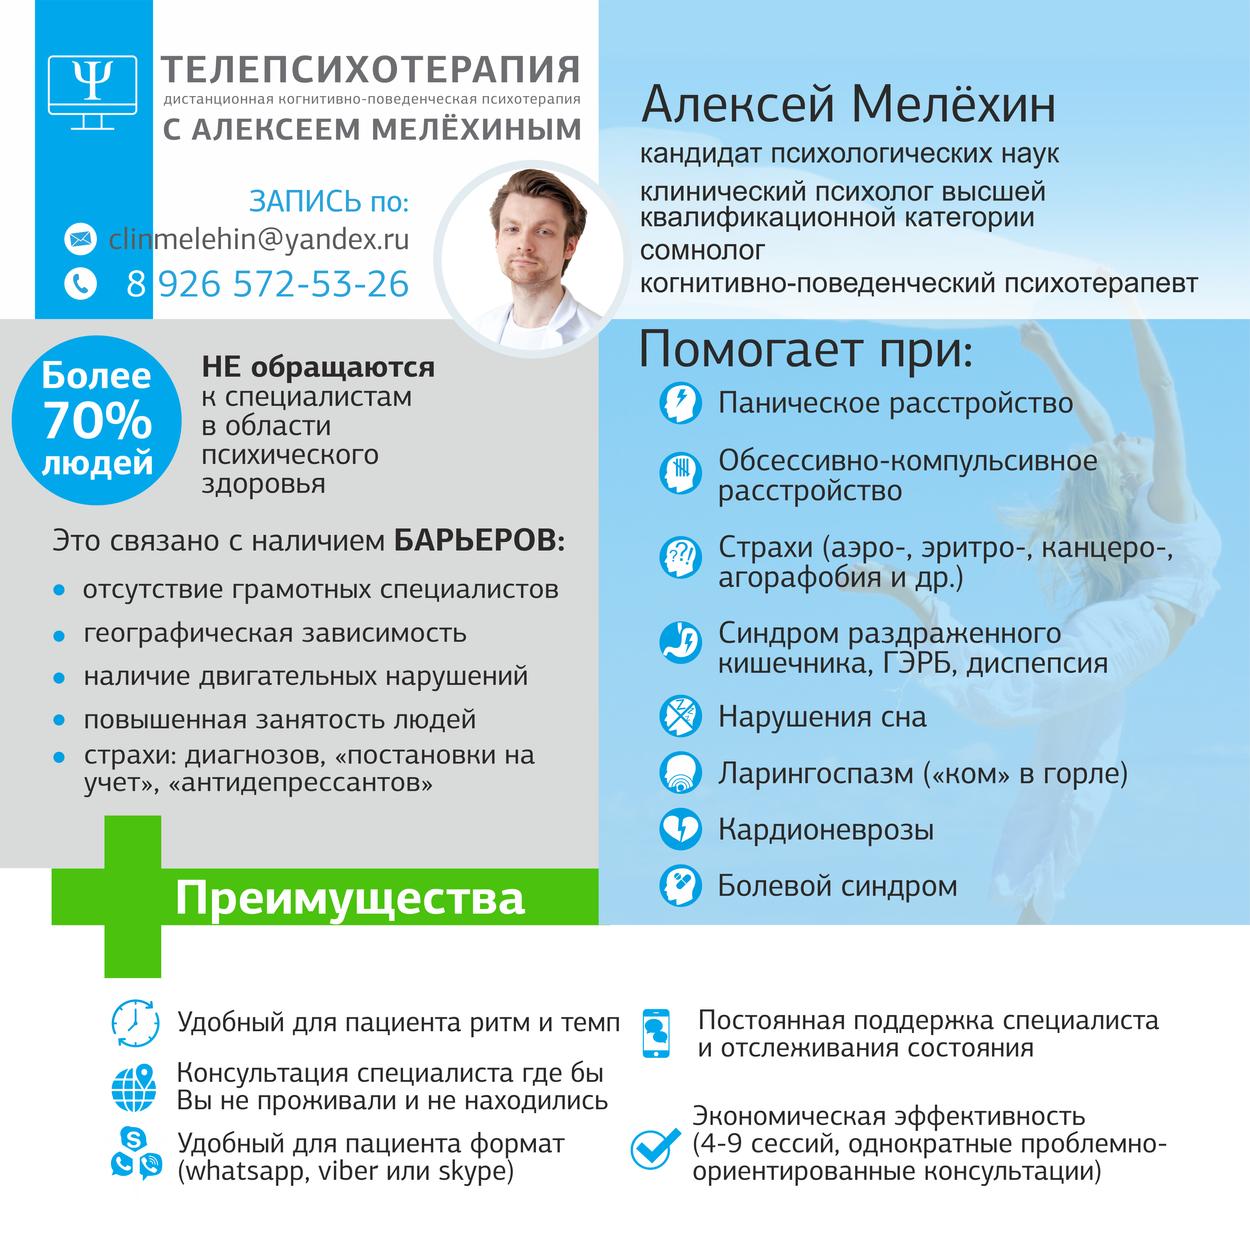 Запись на онлайн (скайп, вотсап) прием к Алексею Мелёхину